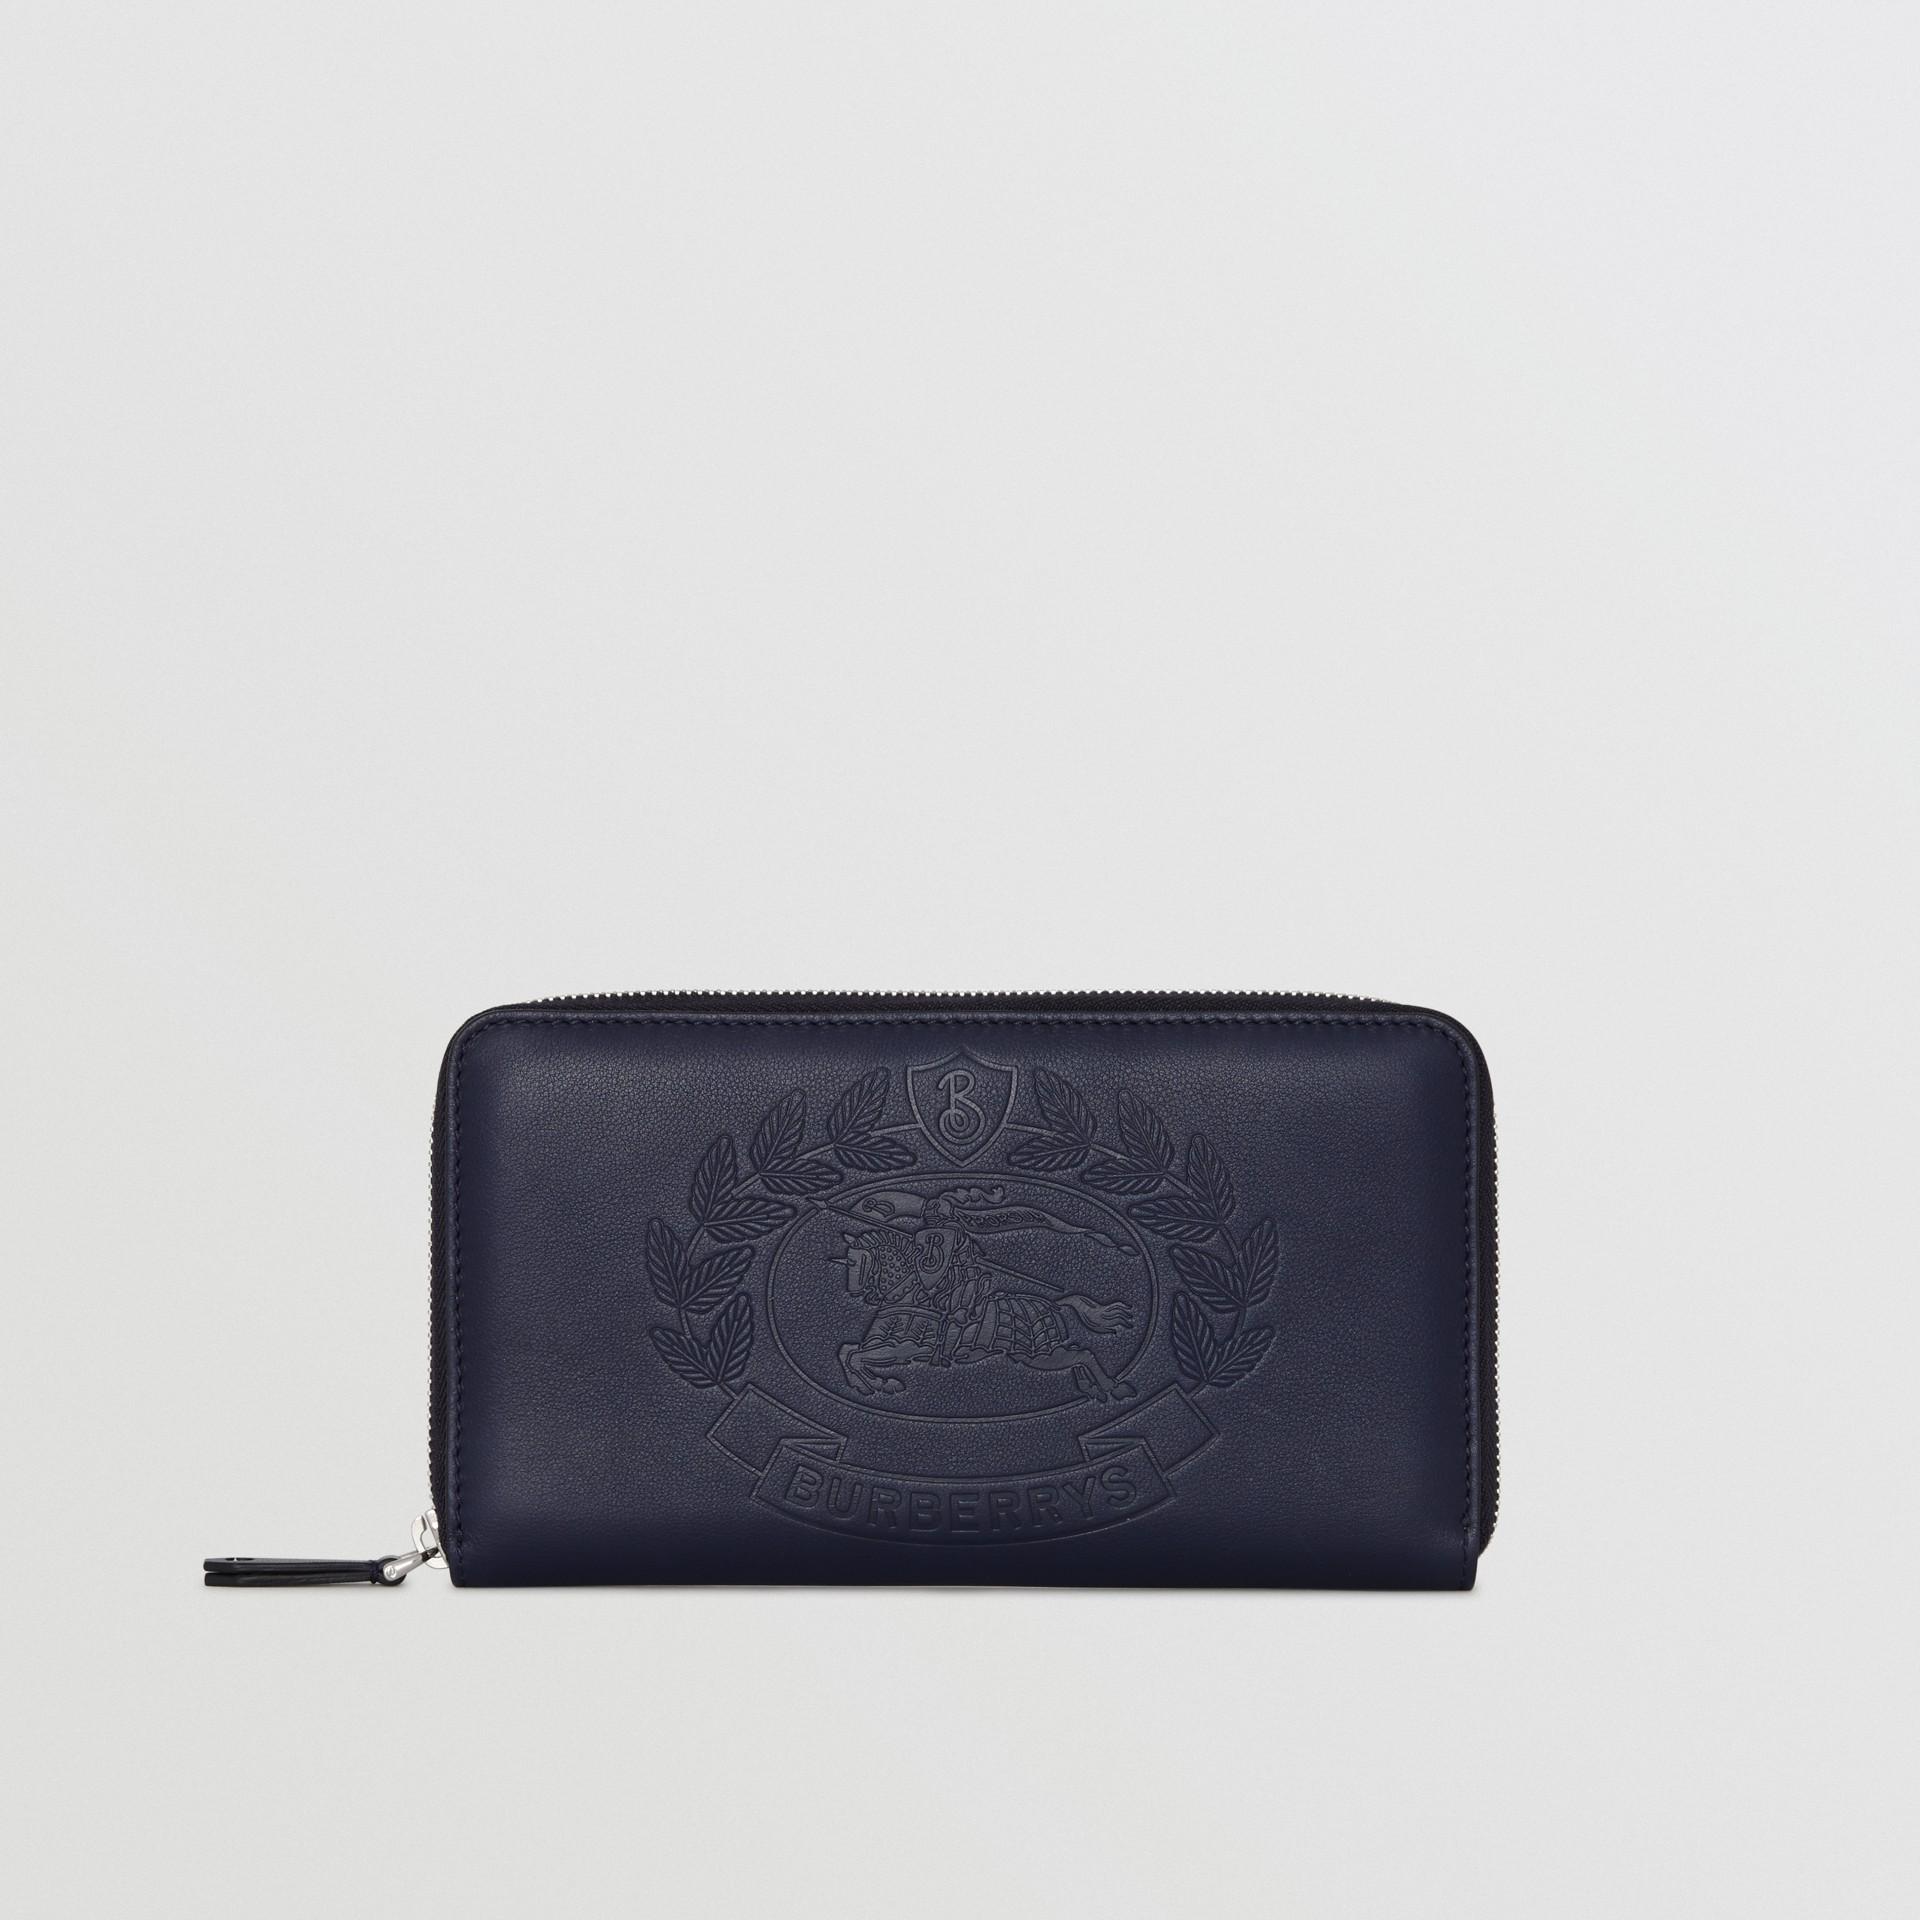 浮雕紋章皮革環繞式拉鍊皮夾 (攝政藍) - 男款 | Burberry - 圖庫照片 2